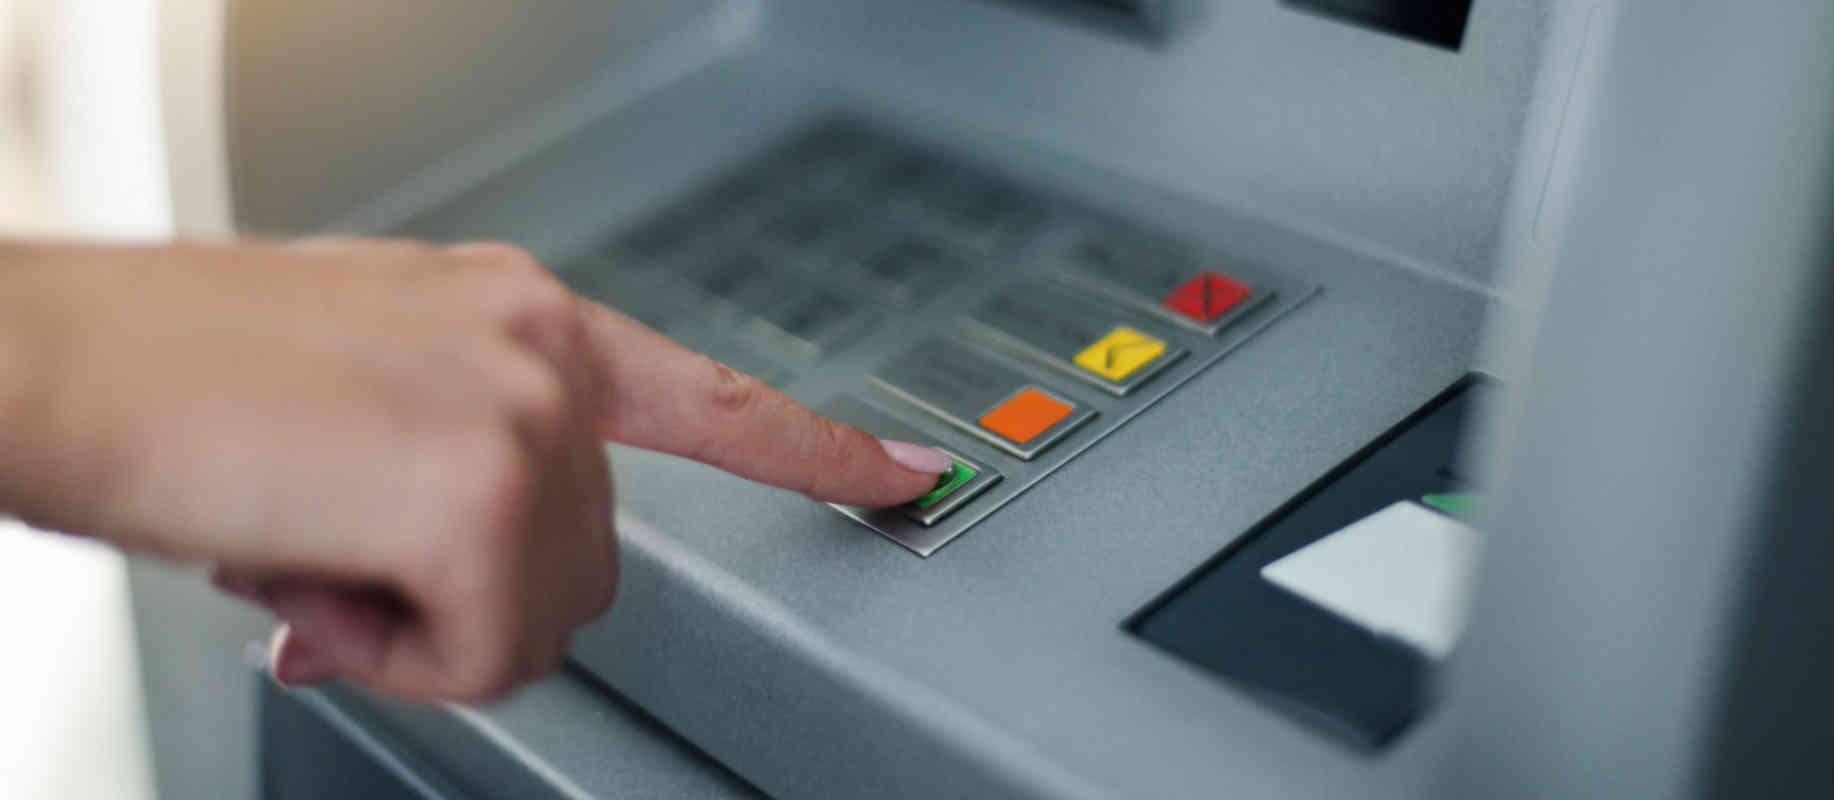 مؤسسات بنكية تكثف تدابير الوقاية من ''كورونا''